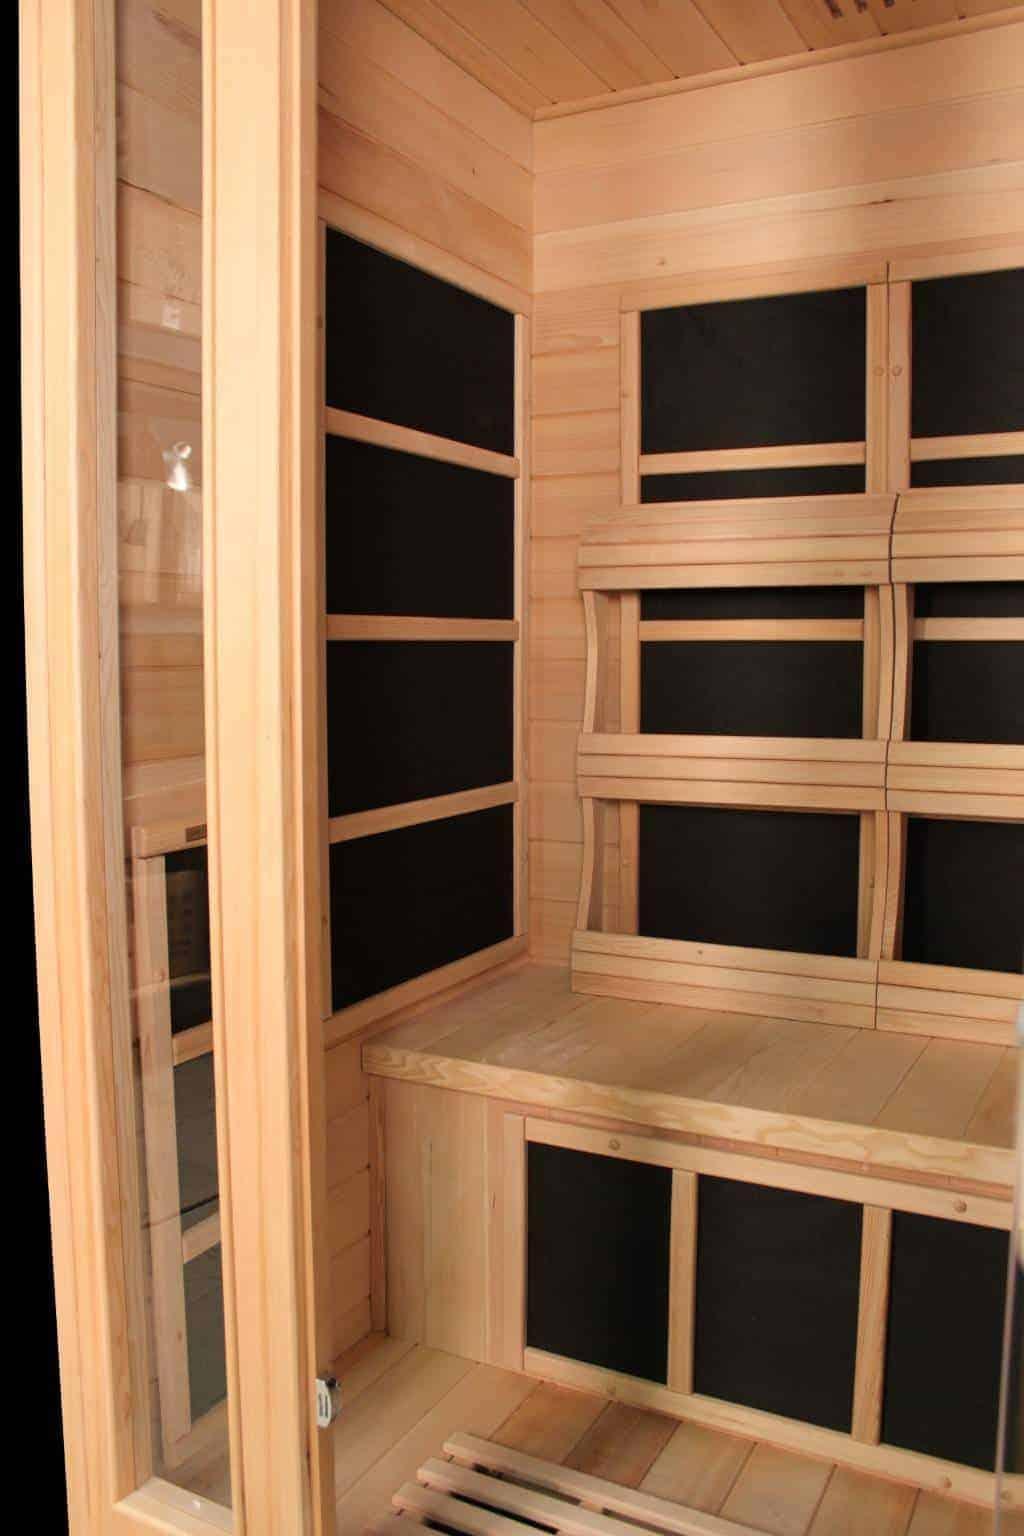 Infrared Sauna With Salt Wall In Nh Hotel Zandvoort The: Duet Infrared Sauna Salt Cave (2 Person)